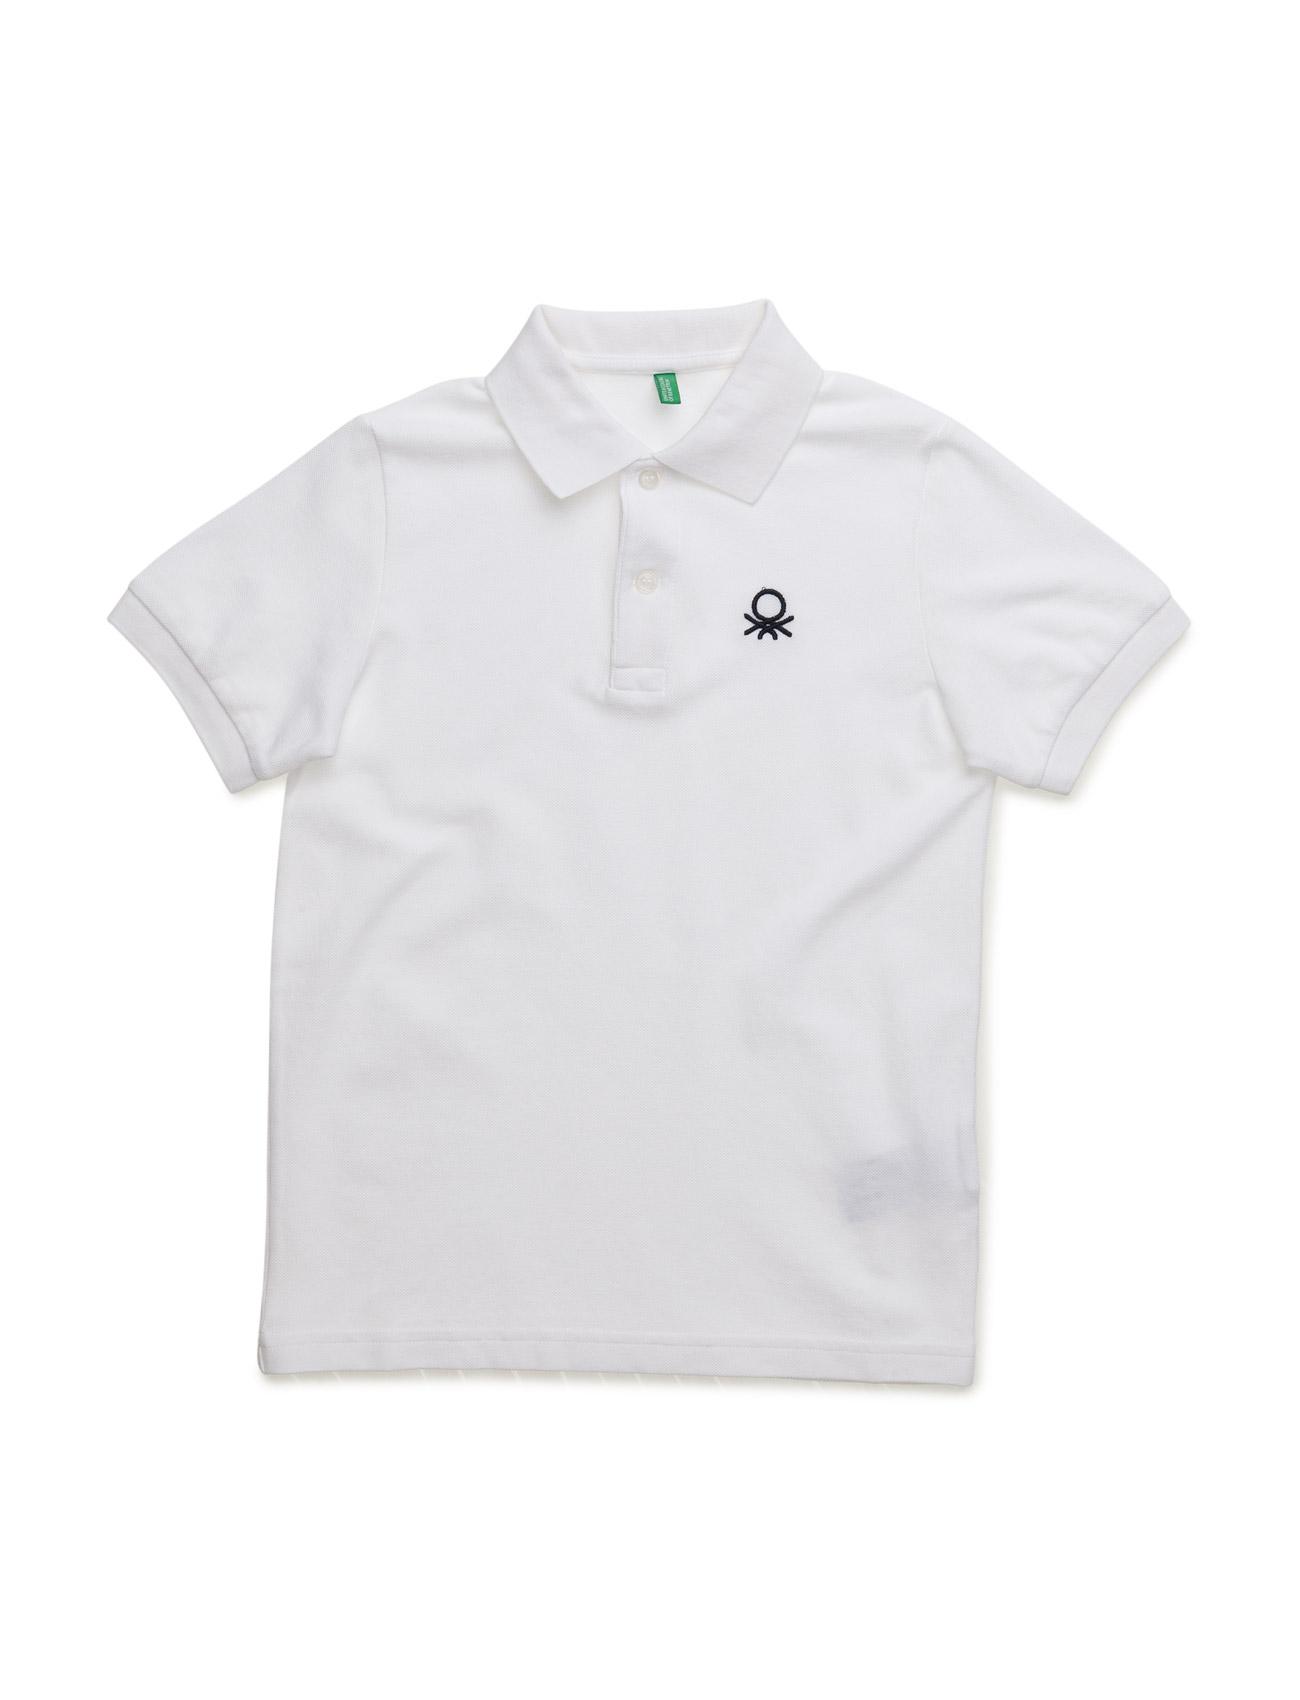 Polo Shirt United Colors of Benetton Kortærmede t-shirts til Børn i